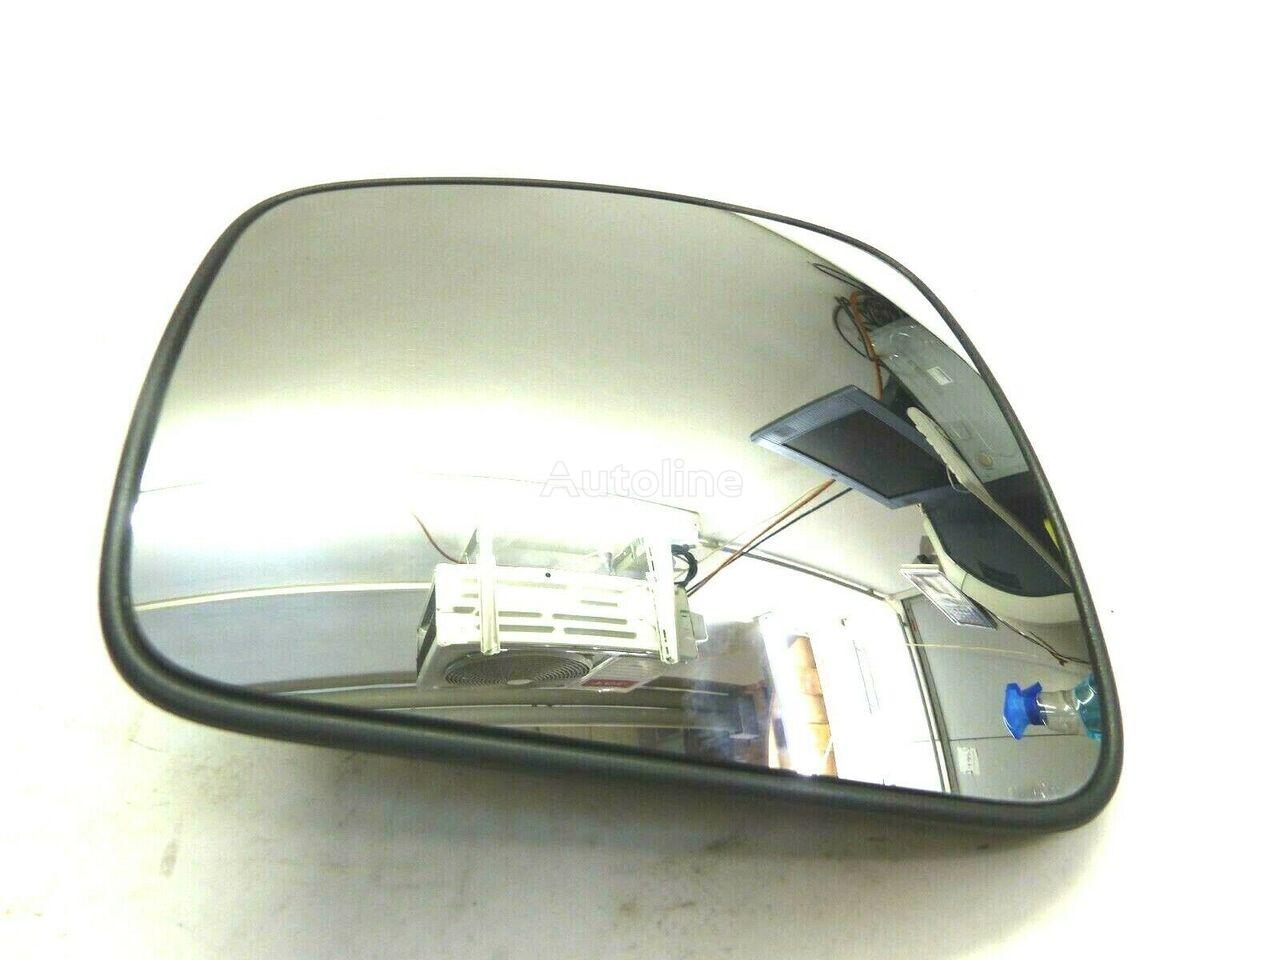 new MEKRA Seitenspiegel Spiegelglas curb mirror for VOLVO tractor unit